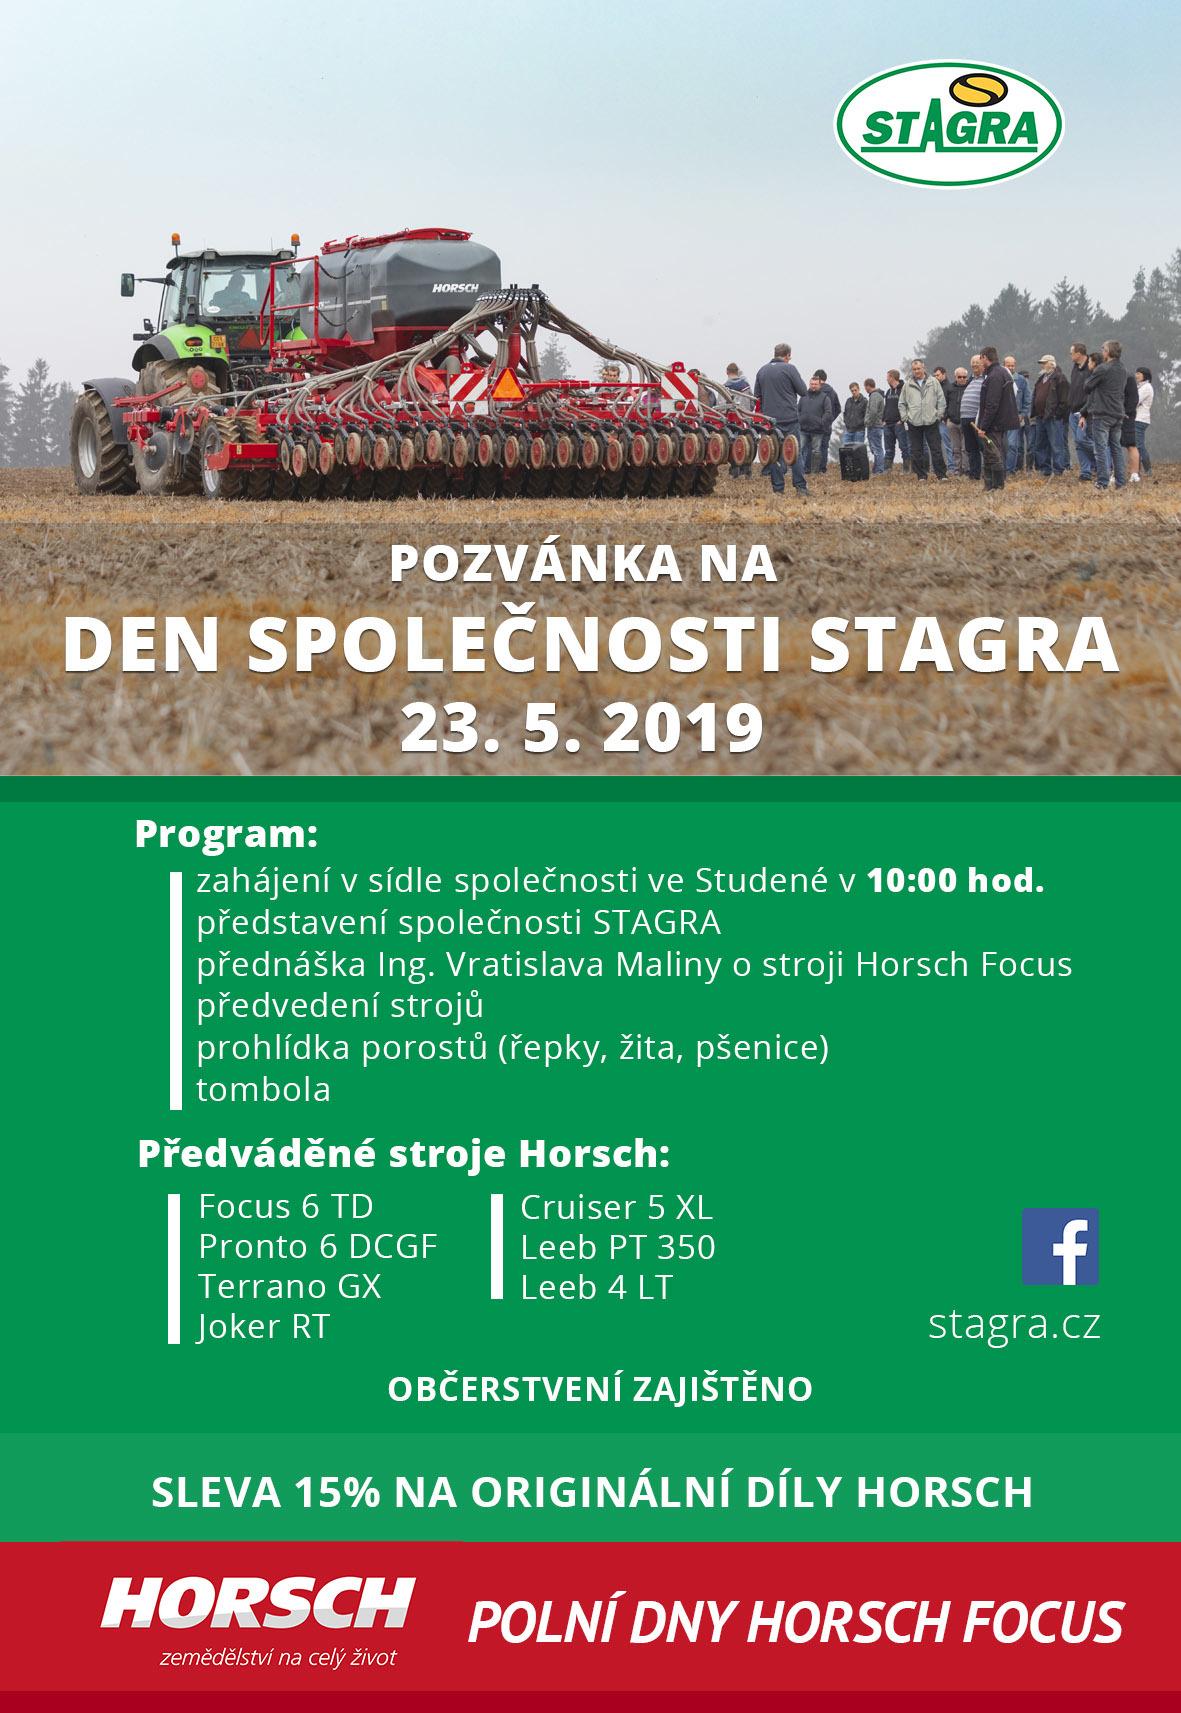 Original denspolecnostistagra2019